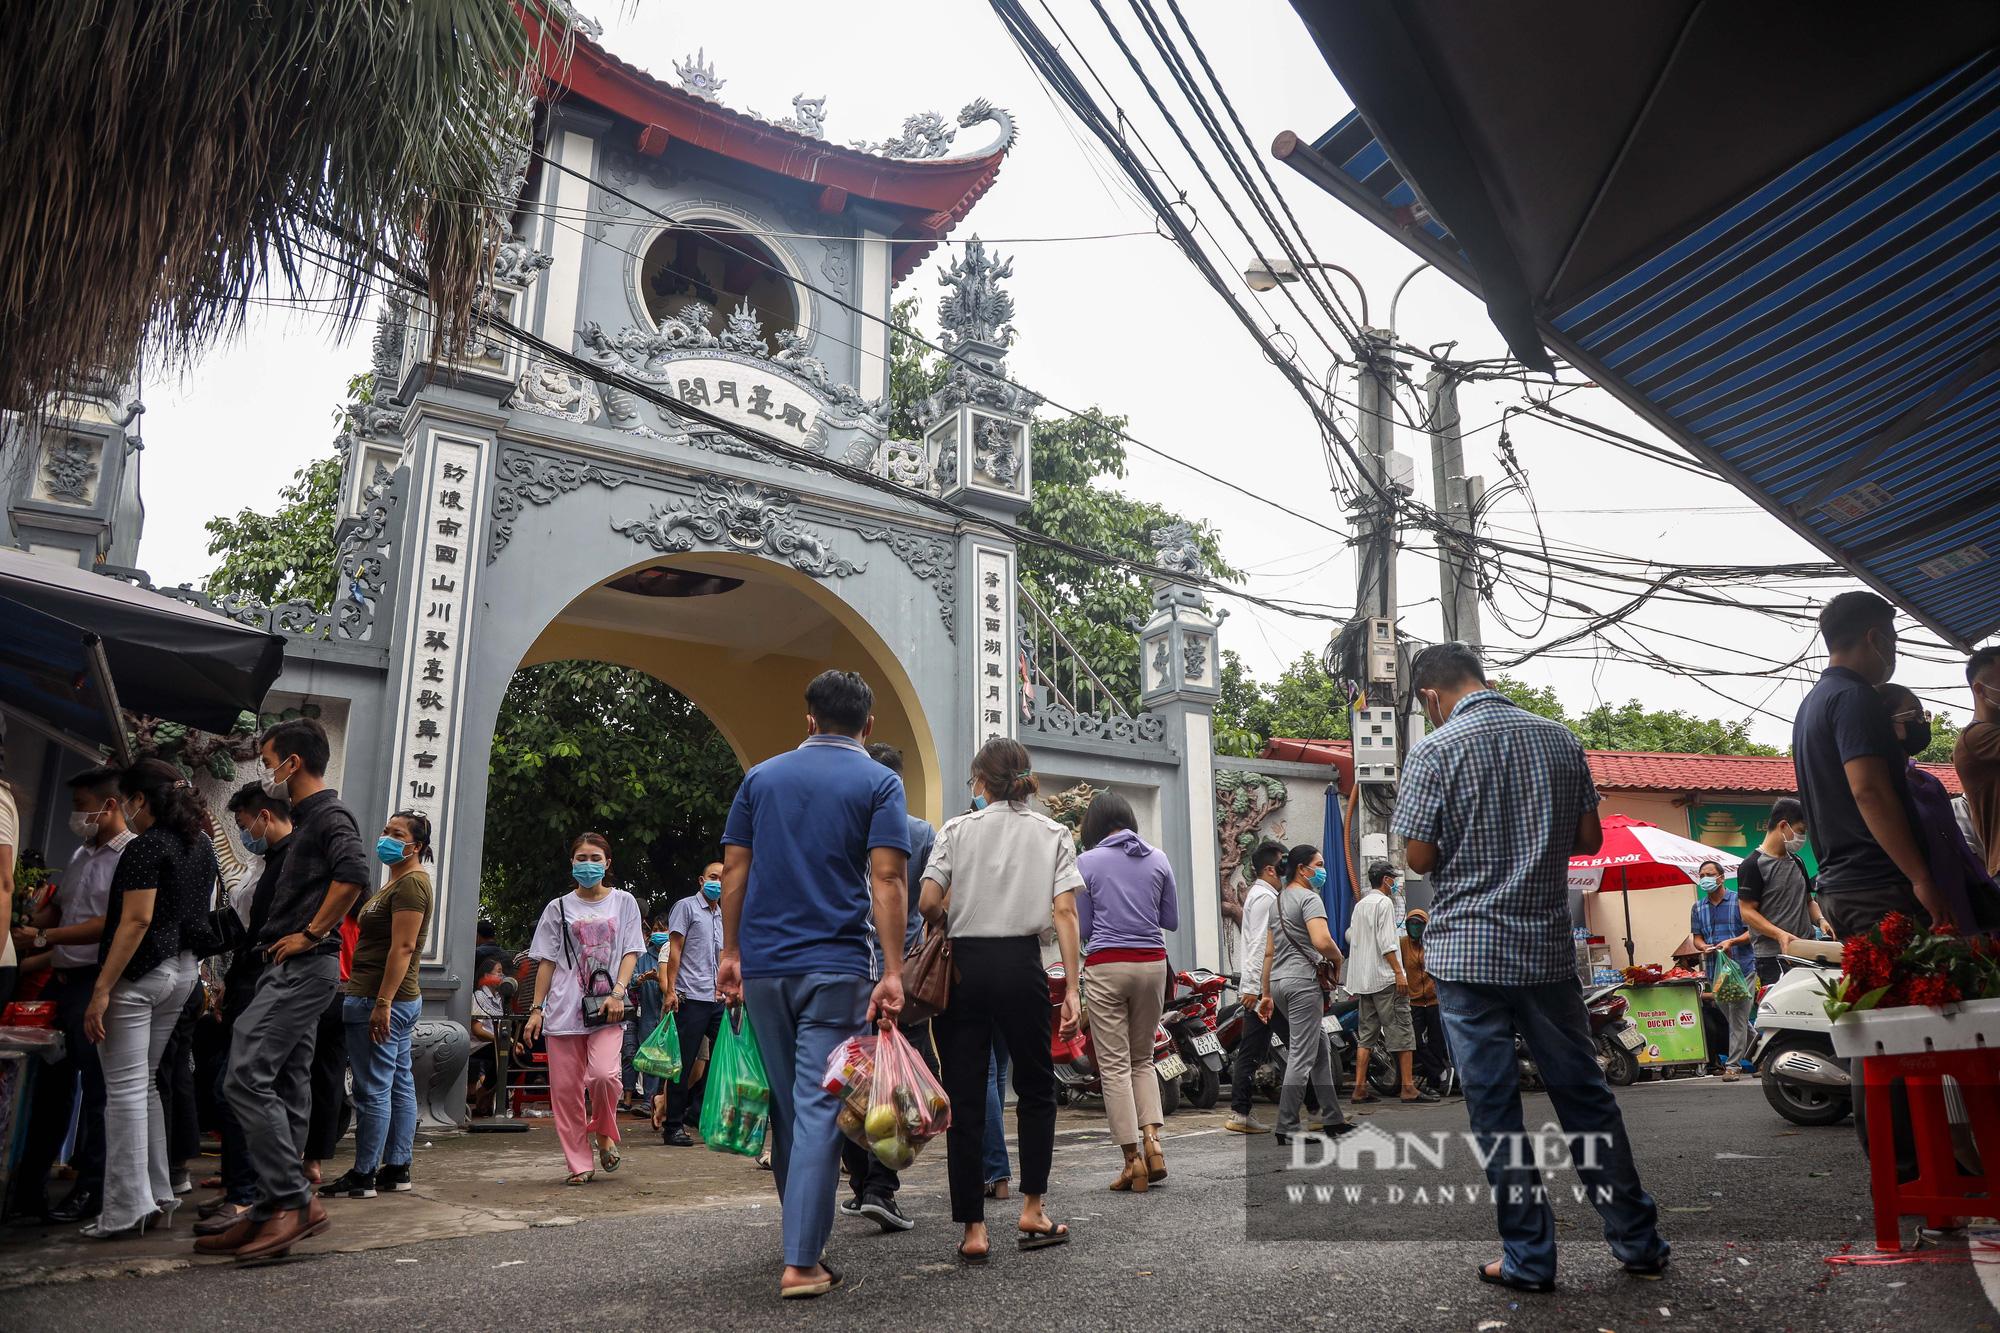 Phủ Tây Hồ đông nghịt người trong ngày đầu Hà Nội thực hiện giãn cách - Ảnh 2.